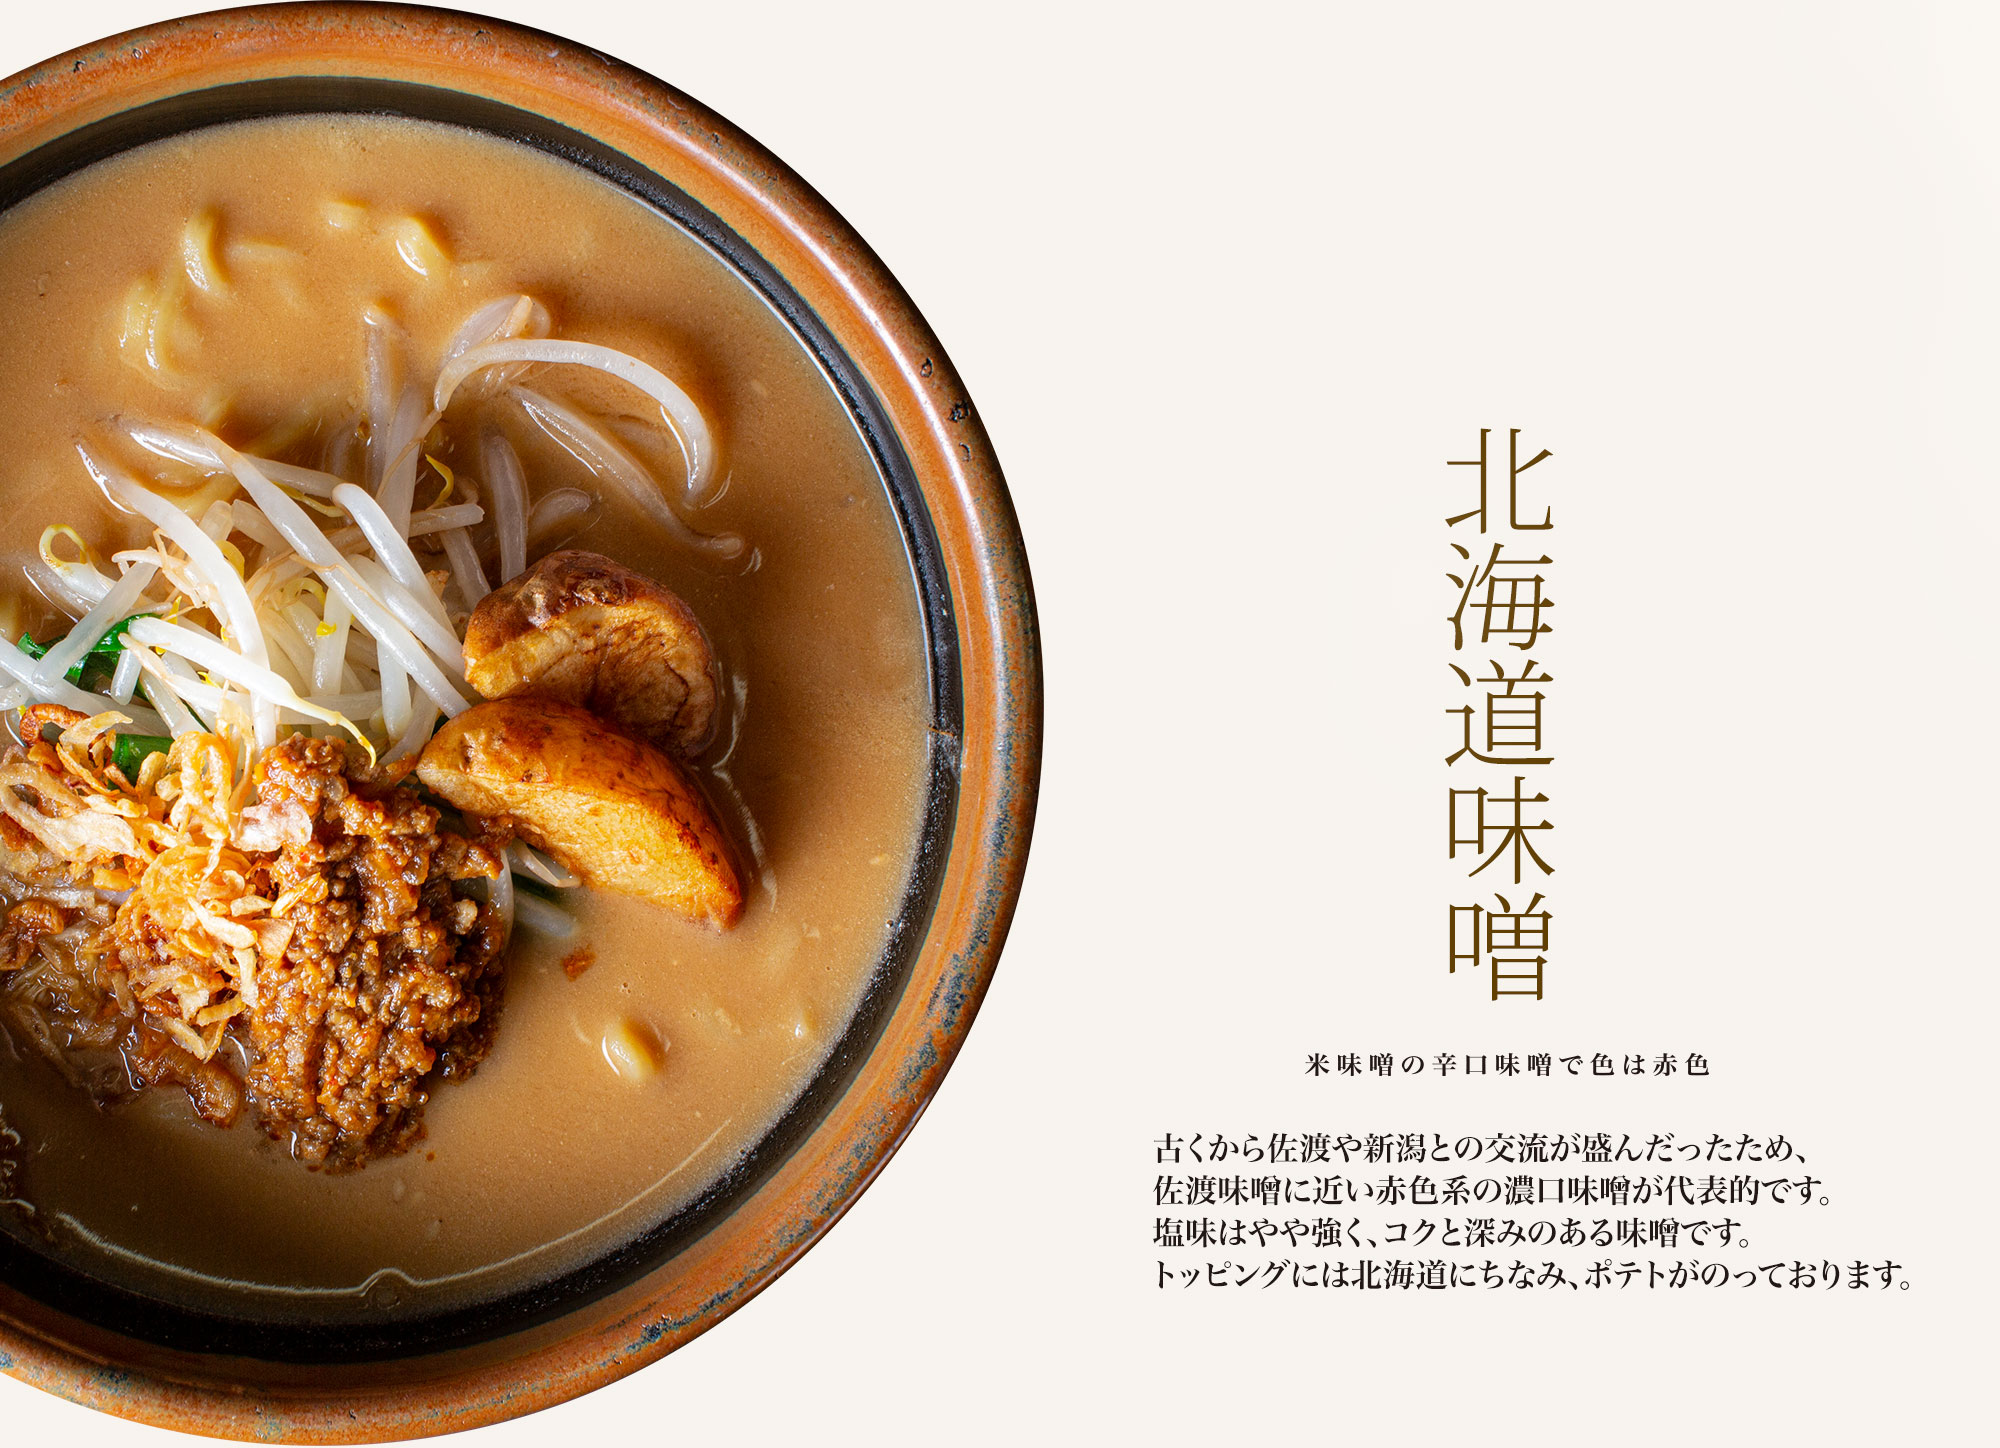 【北海道味噌 米味噌の辛口味噌で色は赤色】古くから佐渡や新潟との交流が盛んだったため、佐渡味噌に近い赤色系の濃口味噌が代表的です。塩分濃度が高く、辛さを感じやすい味噌です。トッピングには北海道にちなみ、ポテトがのっております。